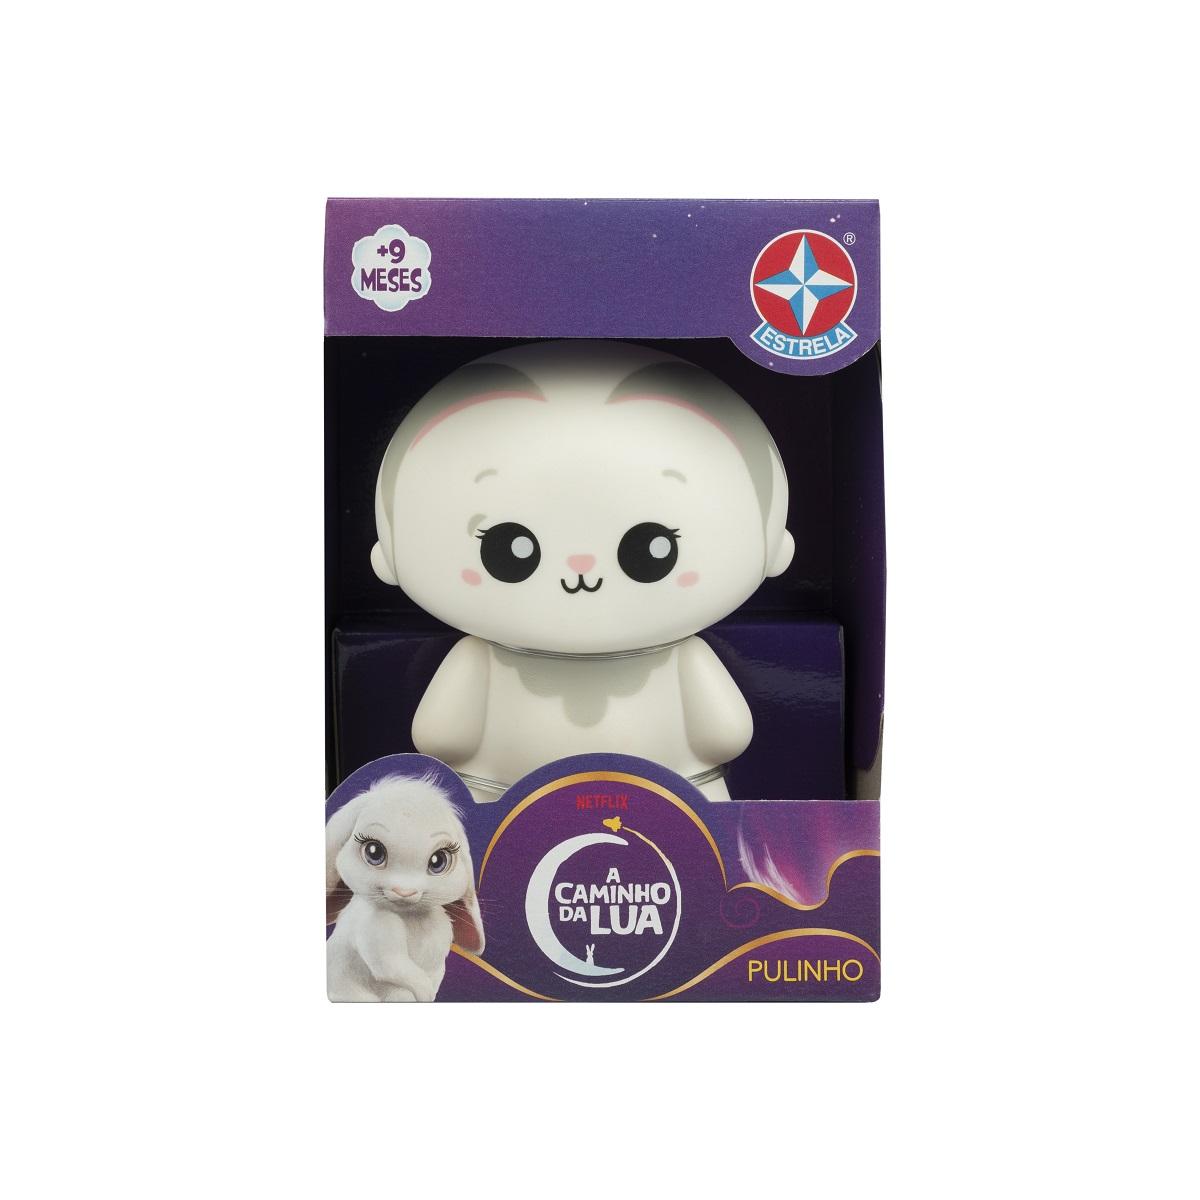 Toy Art A Caminho Da Lua - Pulinho Estrela